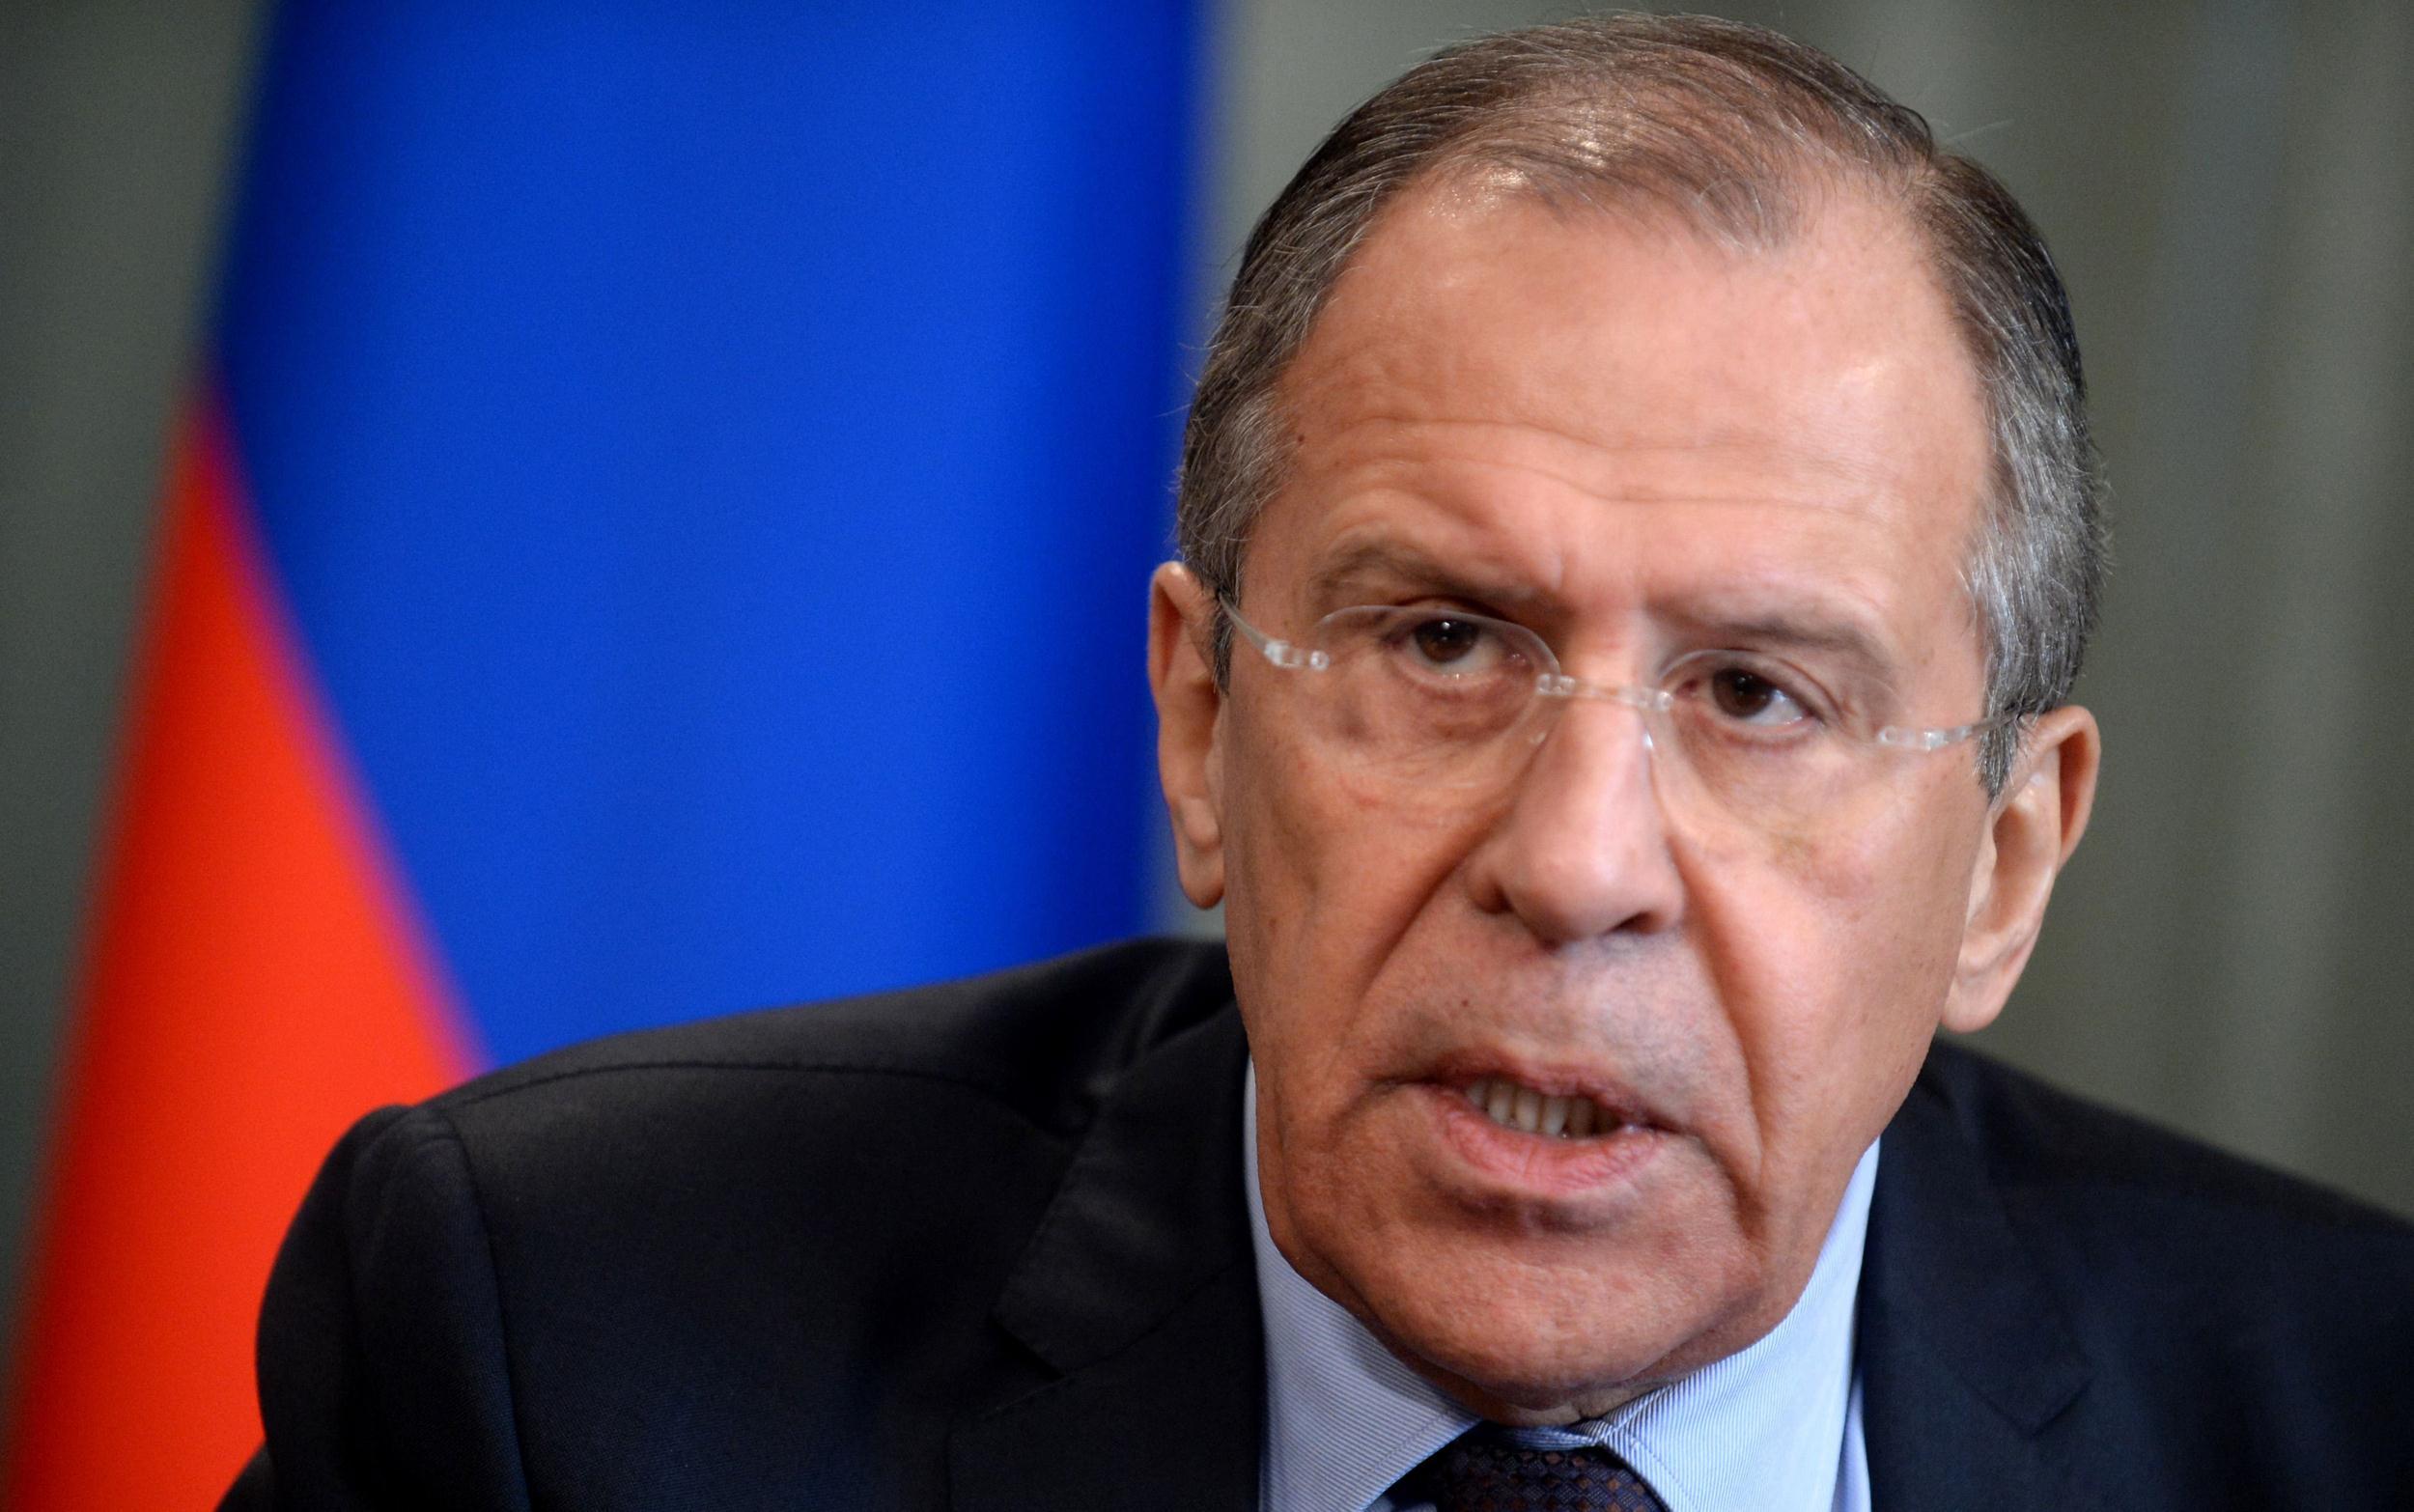 Lavrov criticized NATO